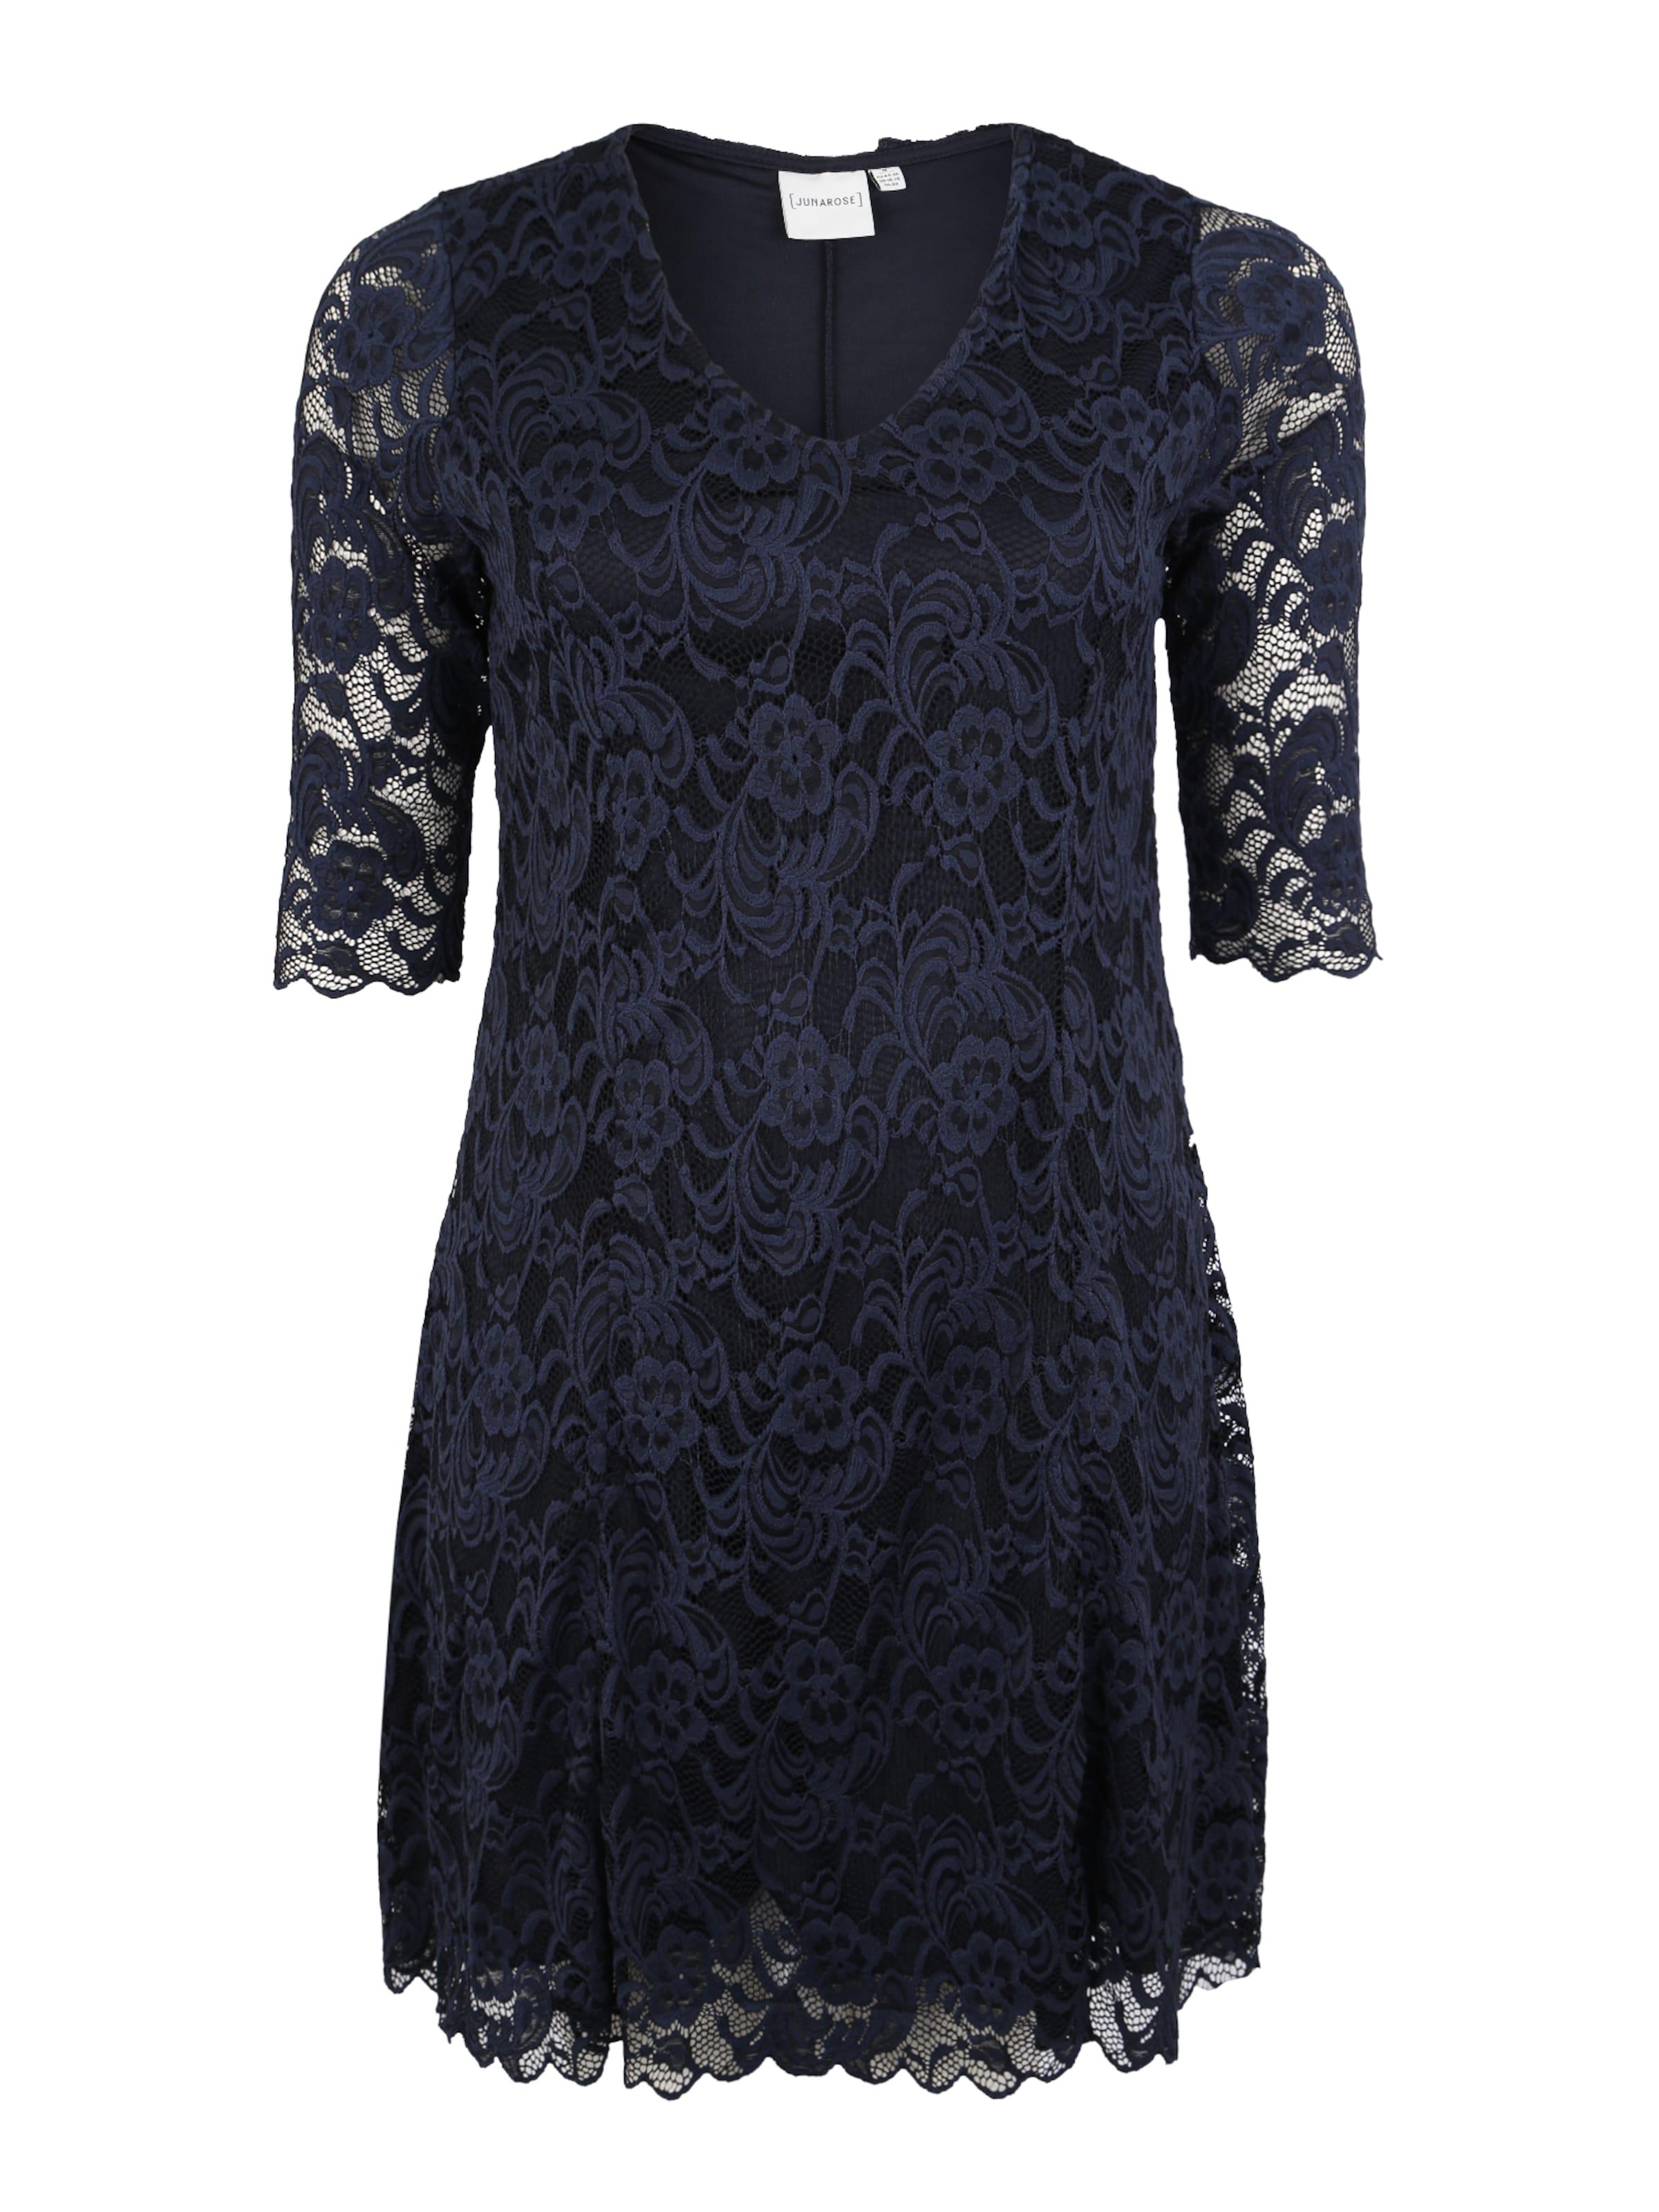 Dress' Junarose 3 Knee Bleu Robe Foncé De 4 Above Cocktail En Sl 'jrnewemma 6byYfvg7